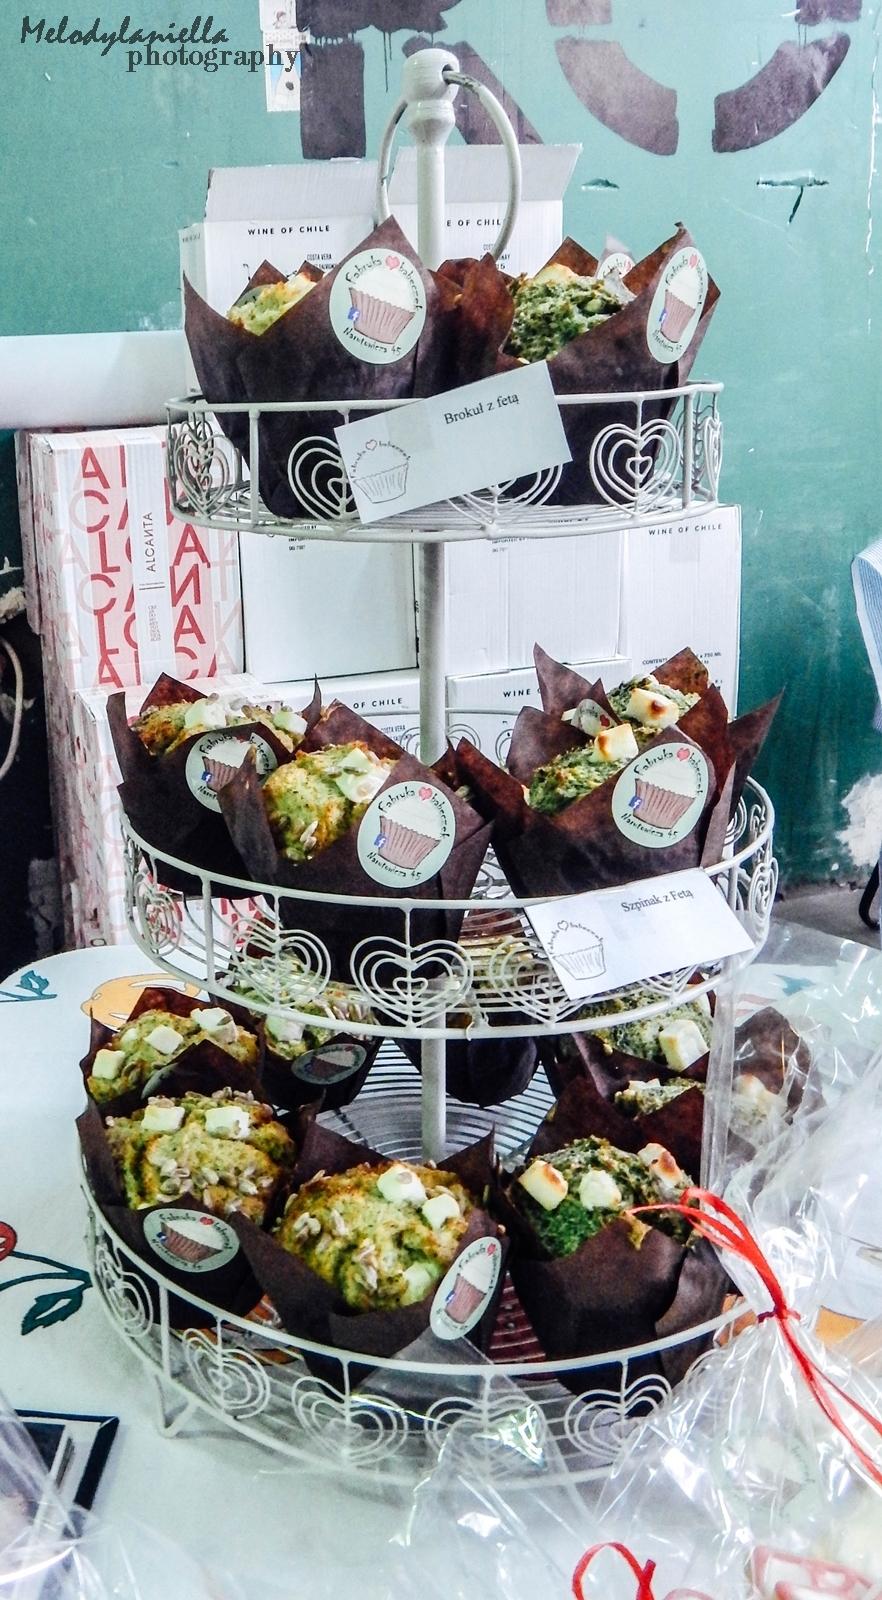 18 street food festival łódź piotrkowska 217 foodtruck jedzenie piwo wino burgery frytki cydr pyszne babczeki babeczki szpinakowe sweet deser przekąska love